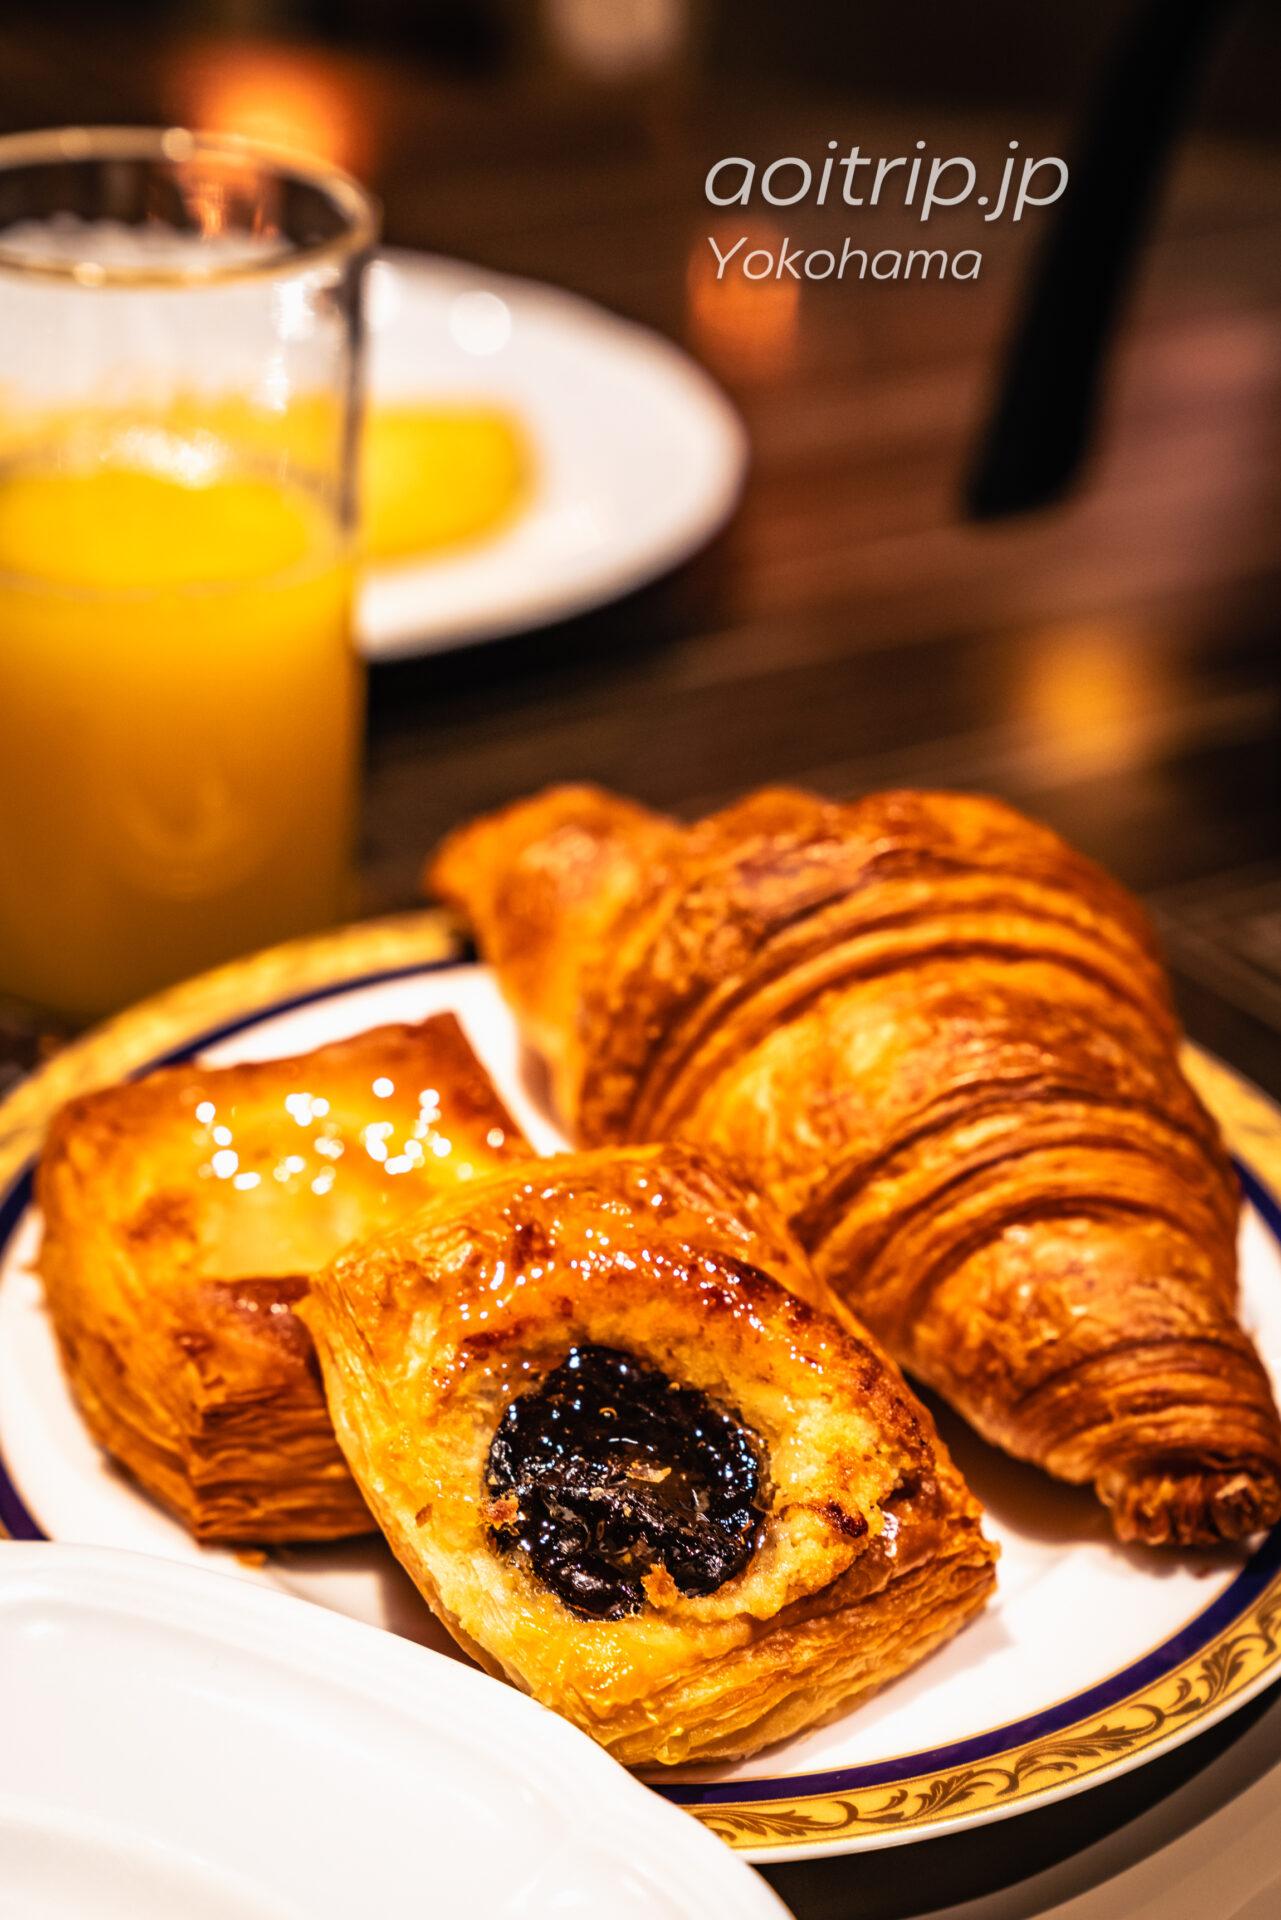 横浜ベイシェラトン ホテル&タワーズ 宿泊記|Yokohama Bay Sheraton Hotel & Towers 朝食ビュッフェのパン・デニッシュ